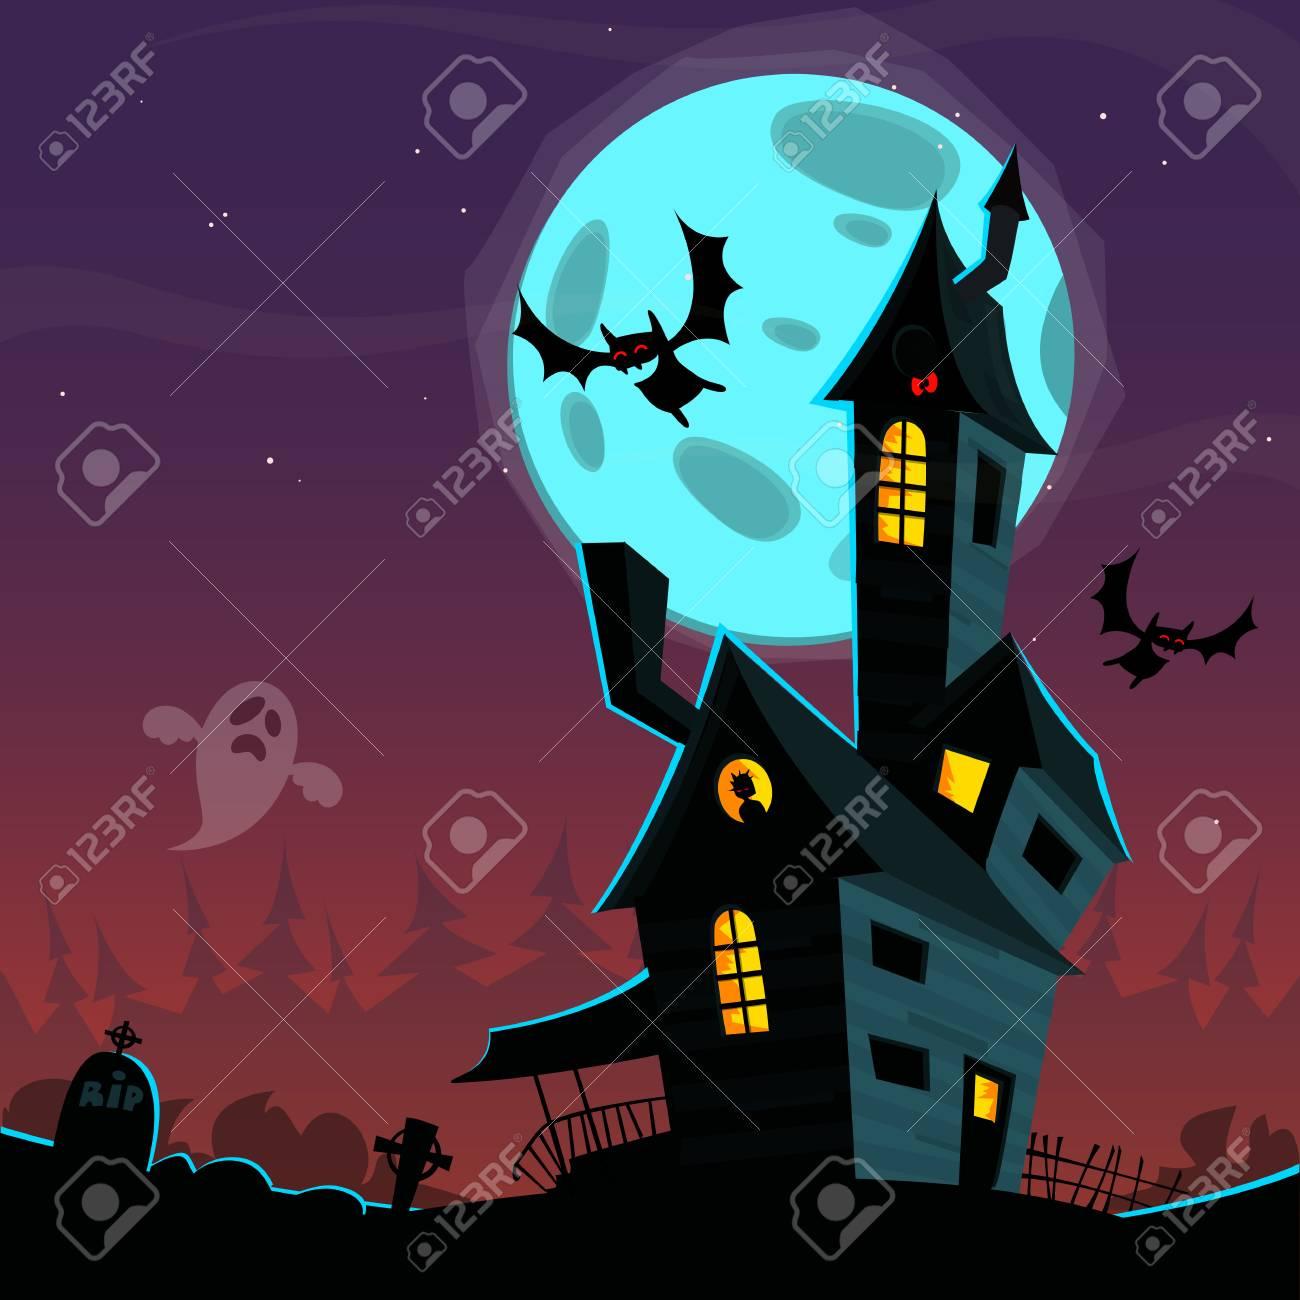 Dessin Animé Maison Hantée Effrayante Illustration De Fond Pour Le Vecteur Halloween